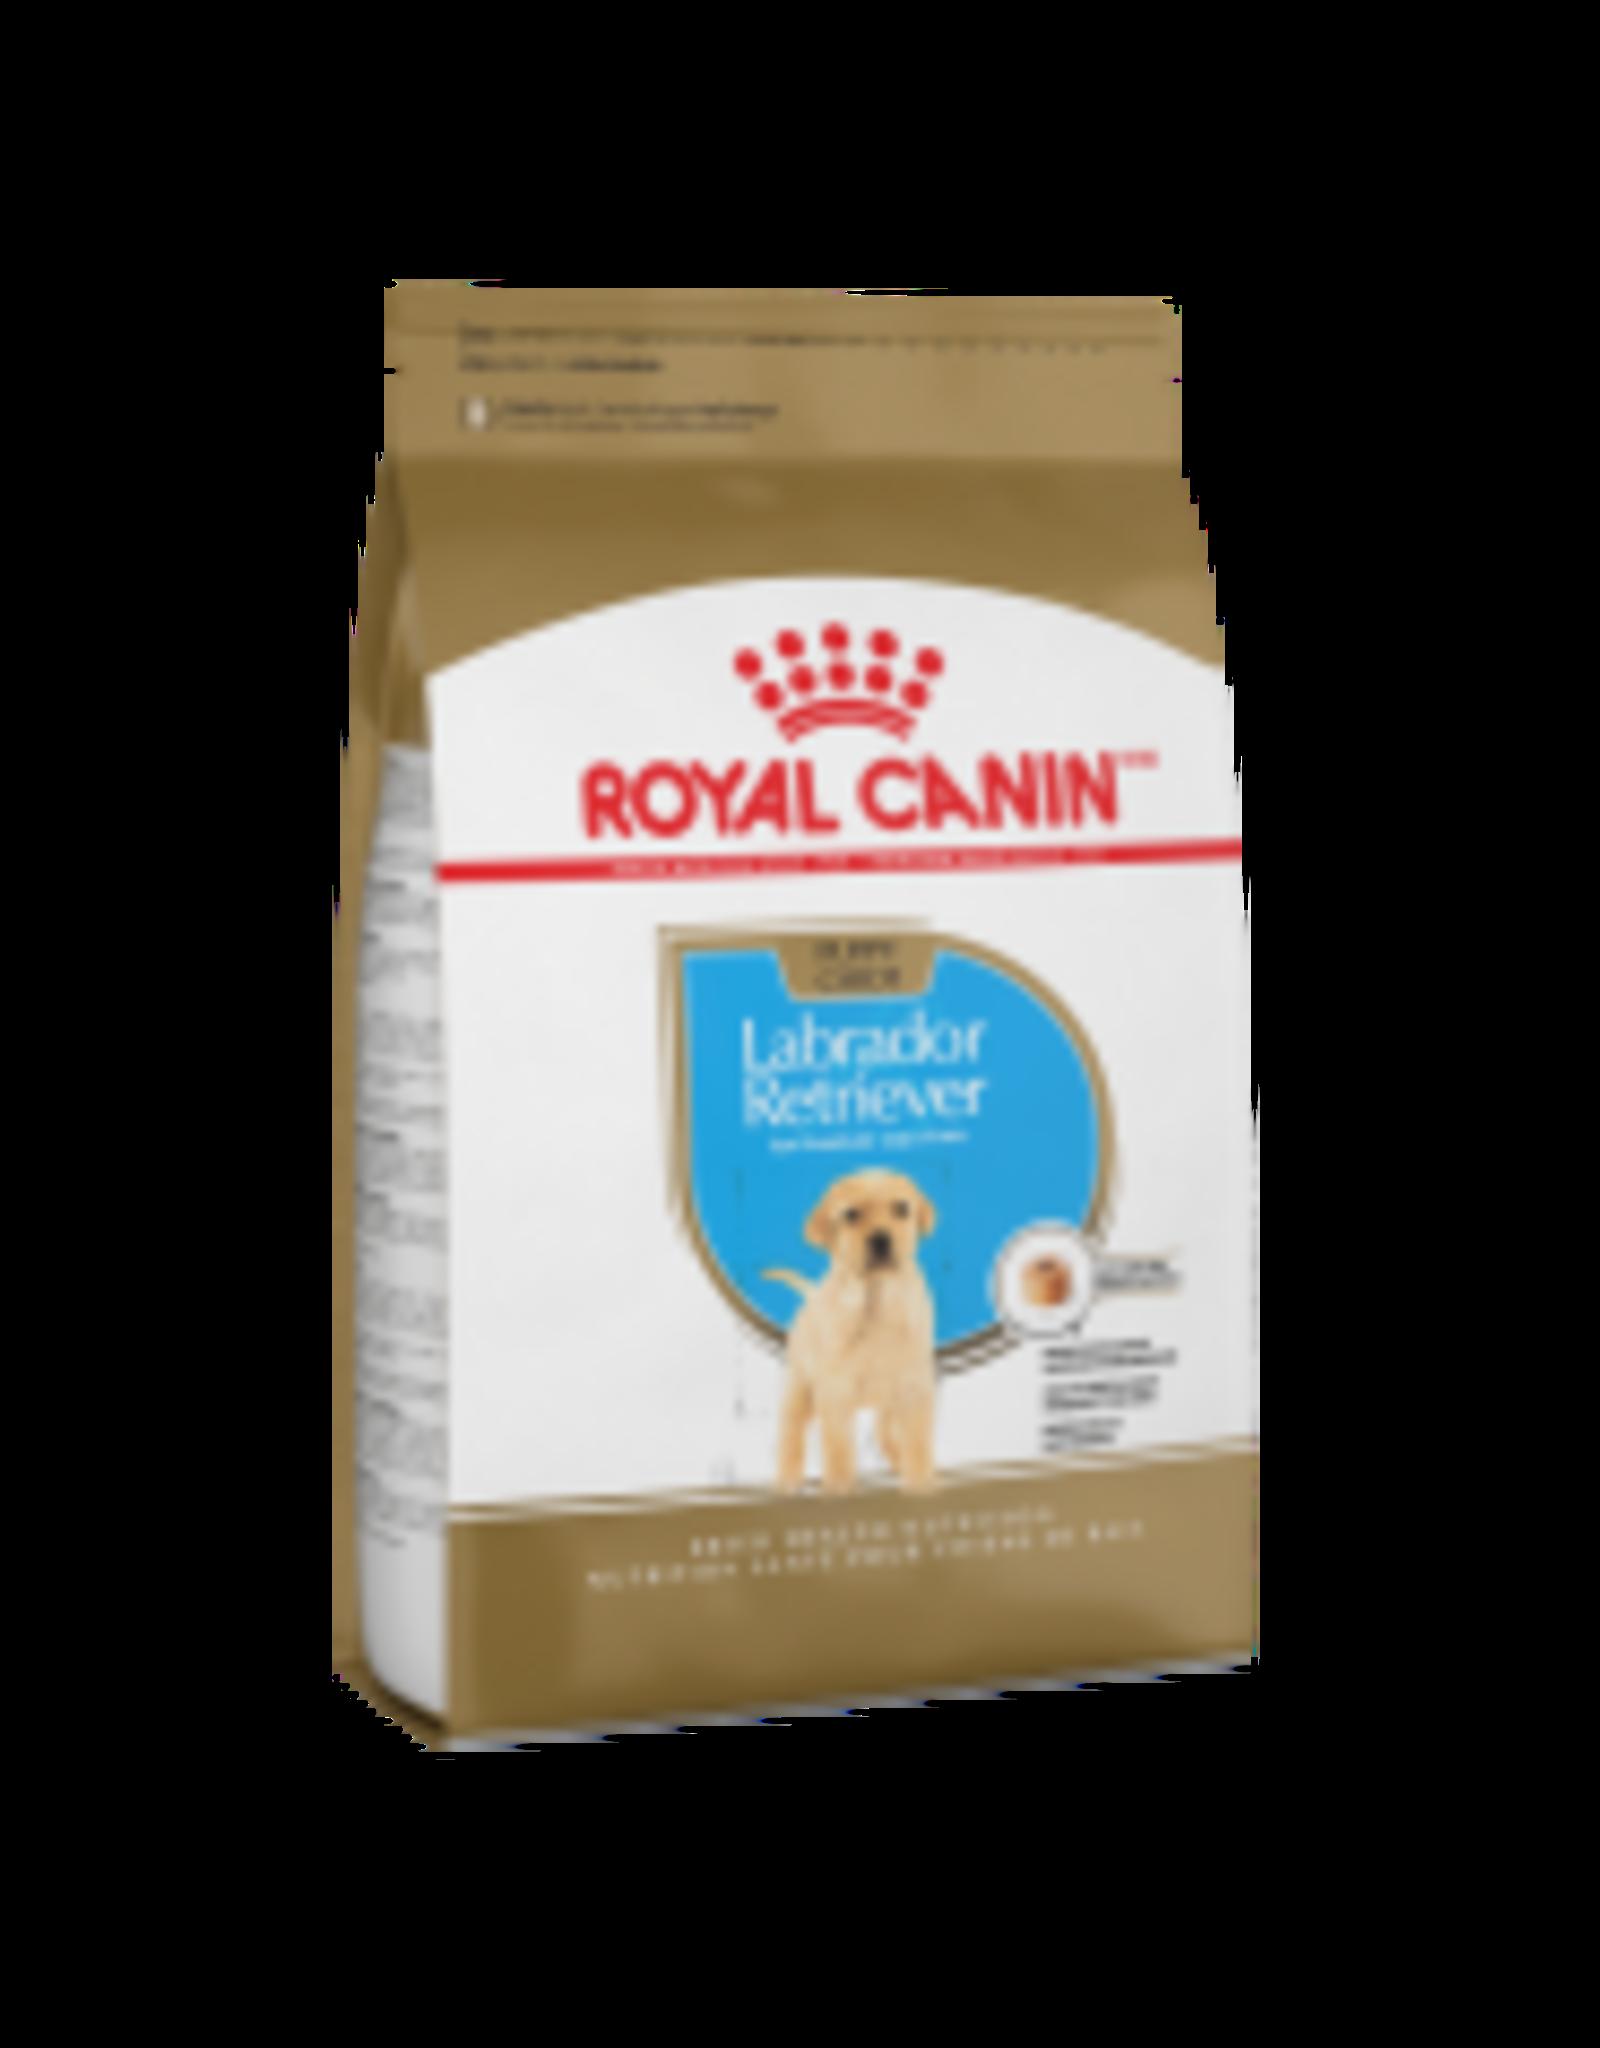 Royal Canin Royal Canin - BHN Labrador Retriever Puppy 30lb